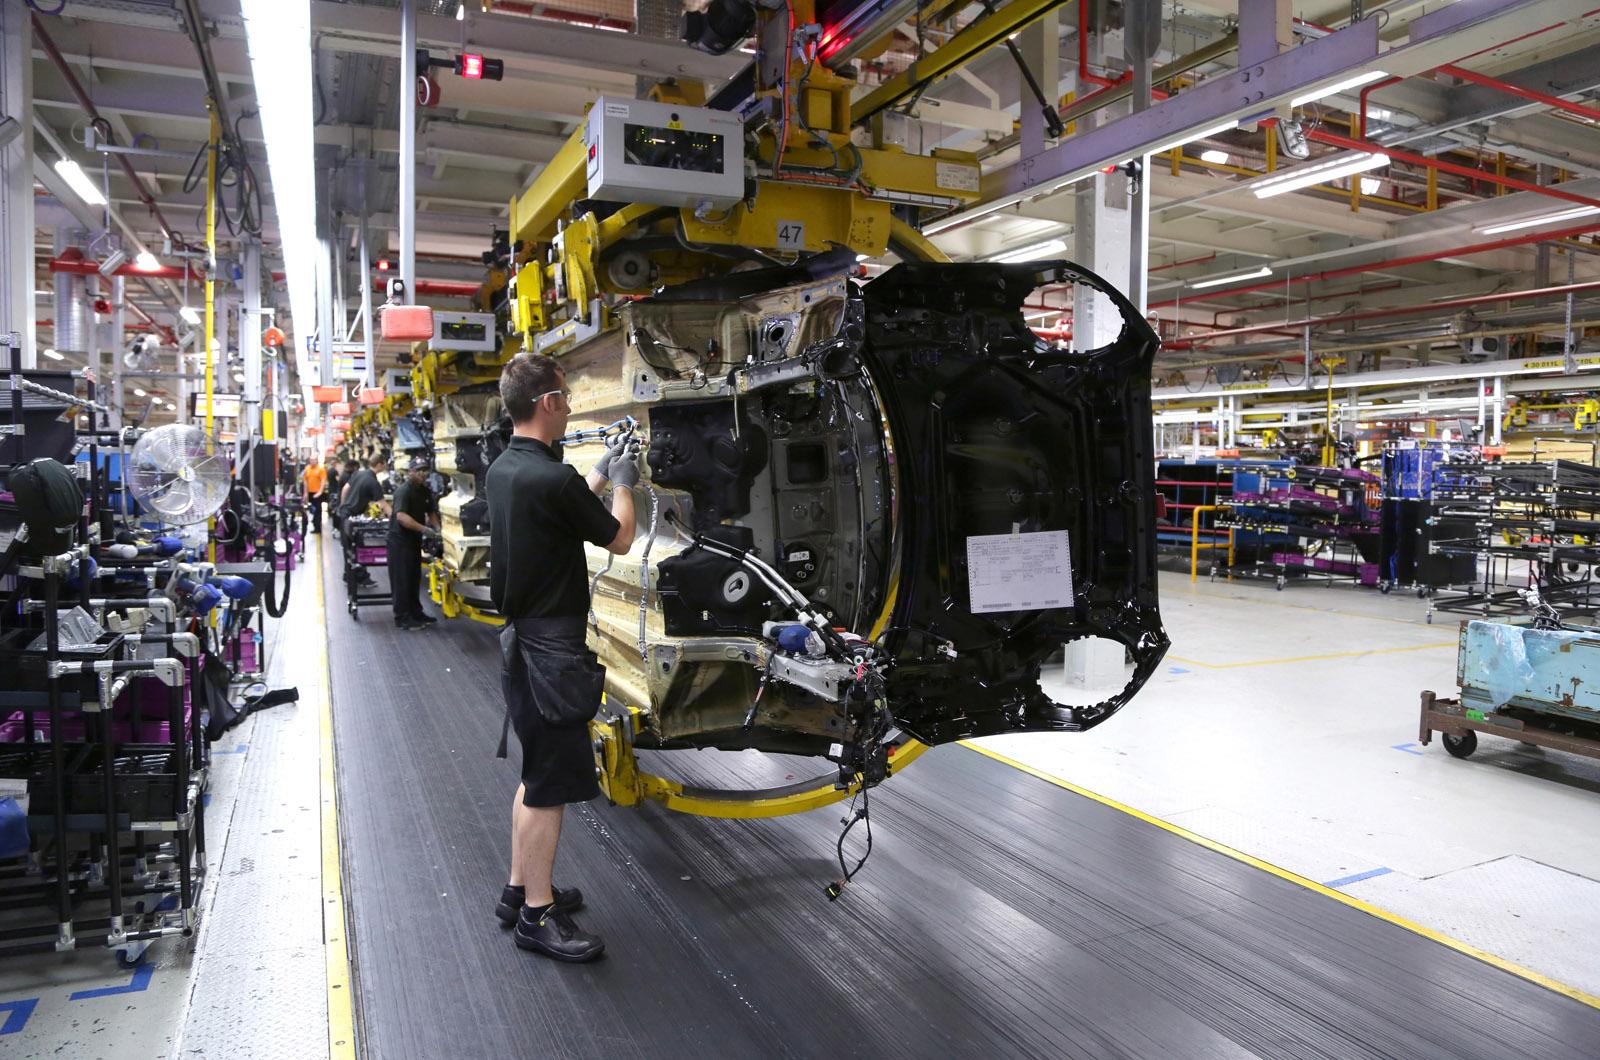 Британская автомобильная промышленность: Brexit заключает сделку между приоритетами в области автомобилестроения для следующего правительства